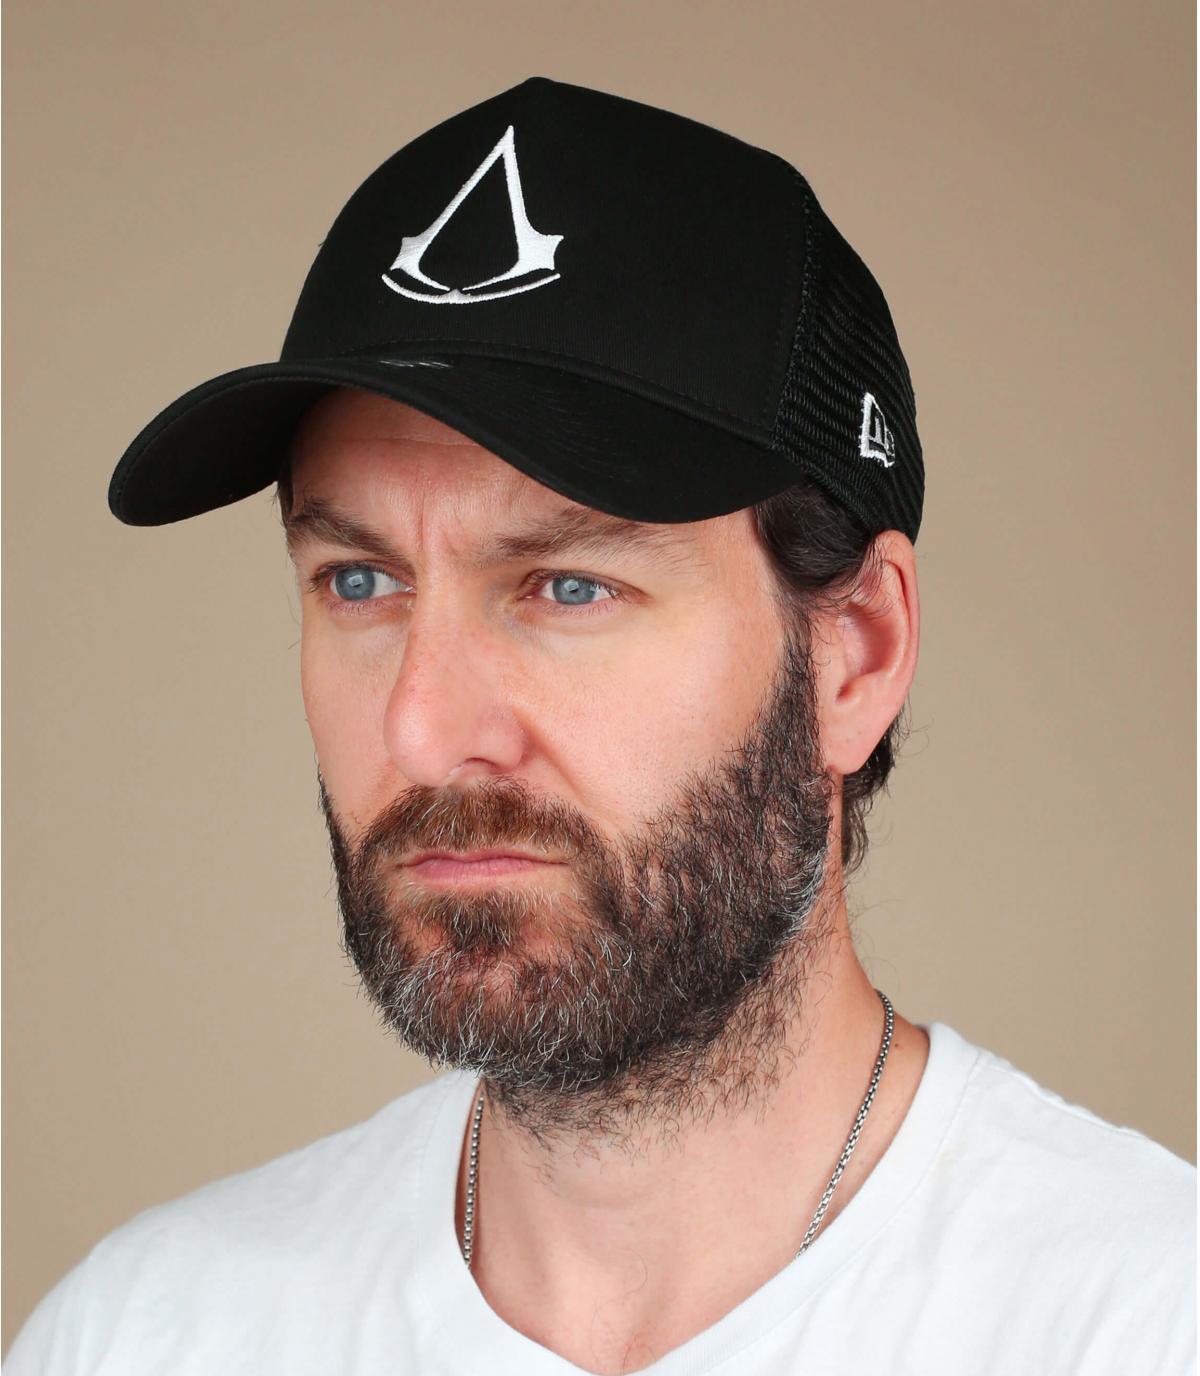 Black Assassin's Creed cap